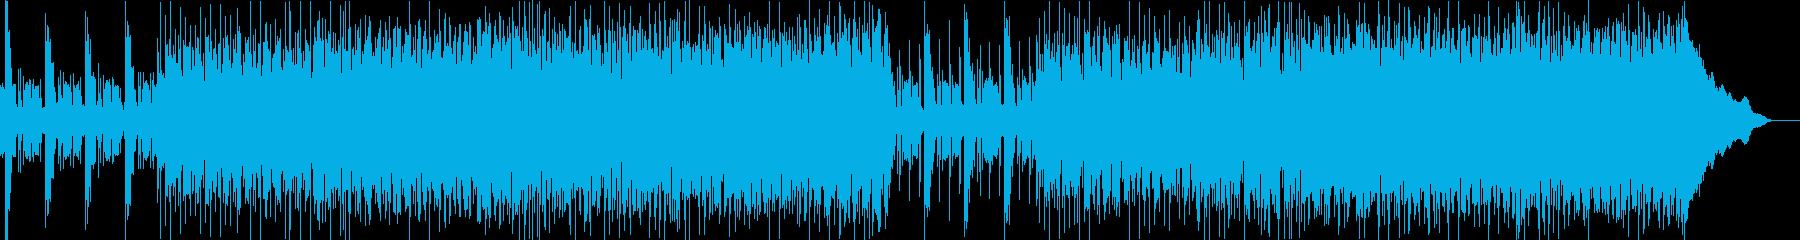 明るいエネルギッシュな音楽の再生済みの波形